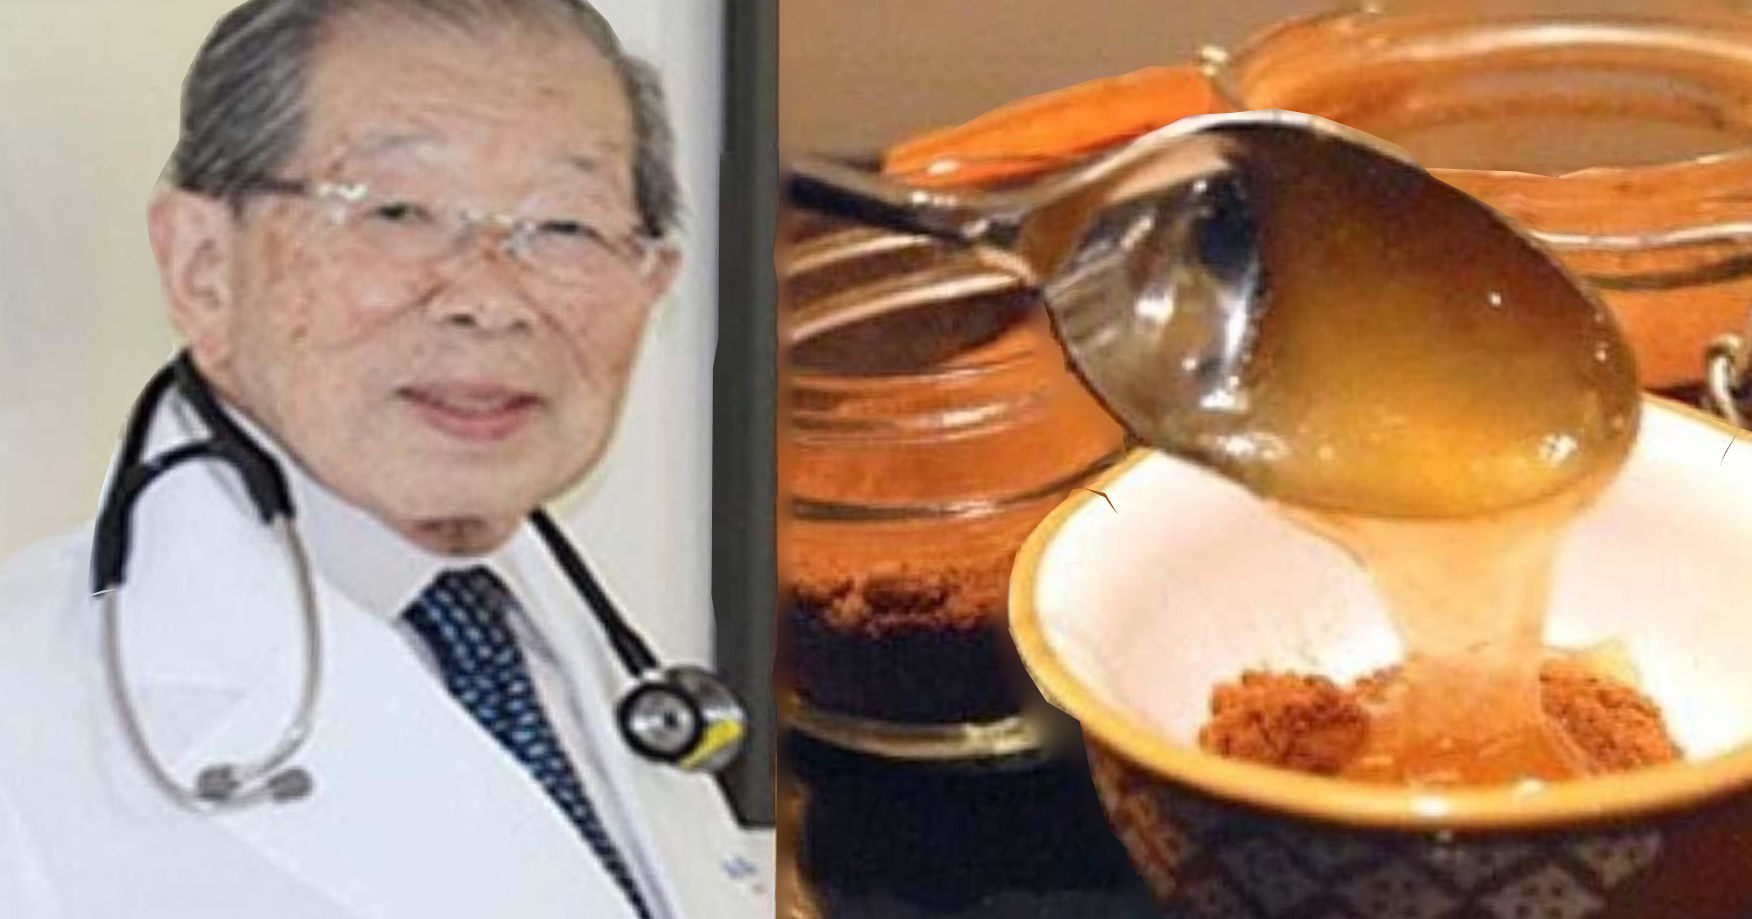 UN MÉDICO de 103 años descubre este maravilloso REMEDIO de CANELA CON MIEL!!